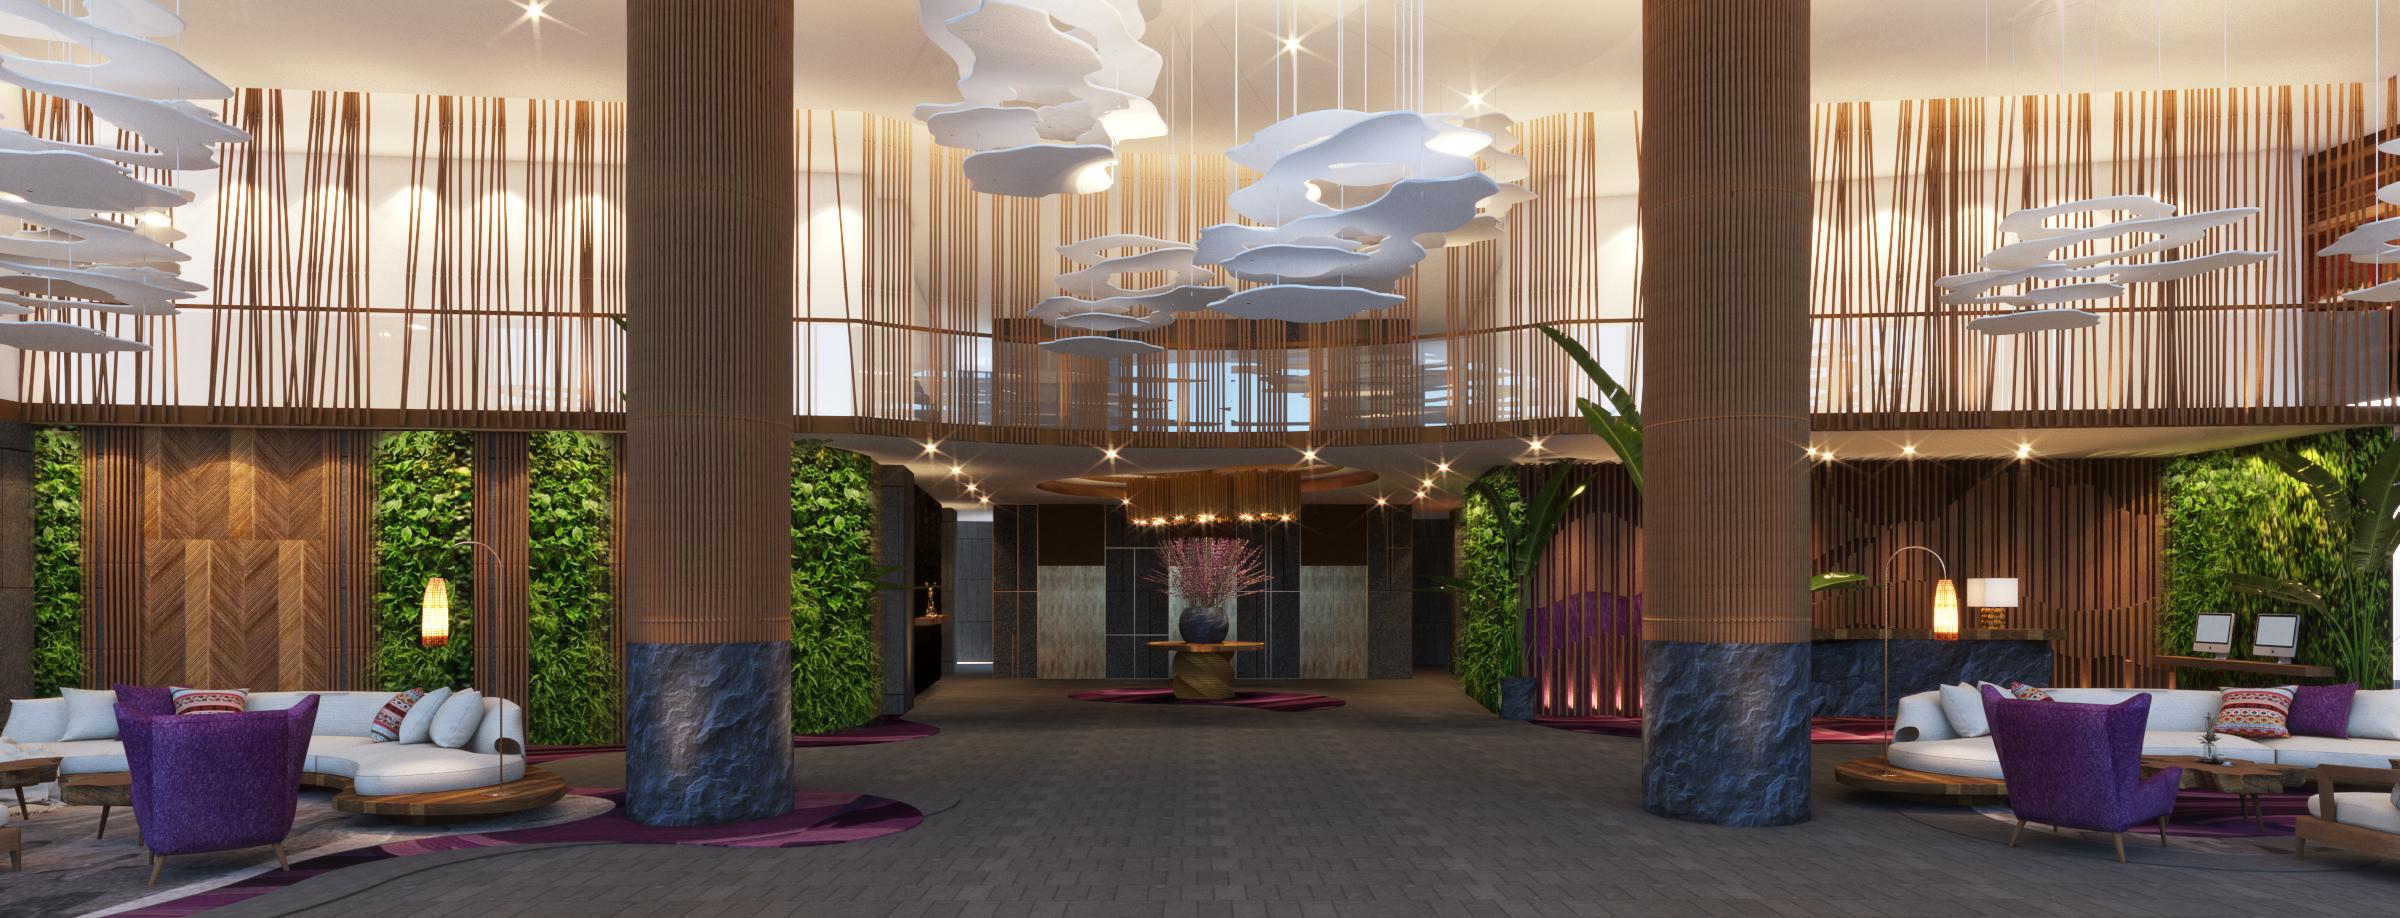 thiết kế nội thất Resort tại Lào Cai Concept khách sạn Sapa 5 1531903086